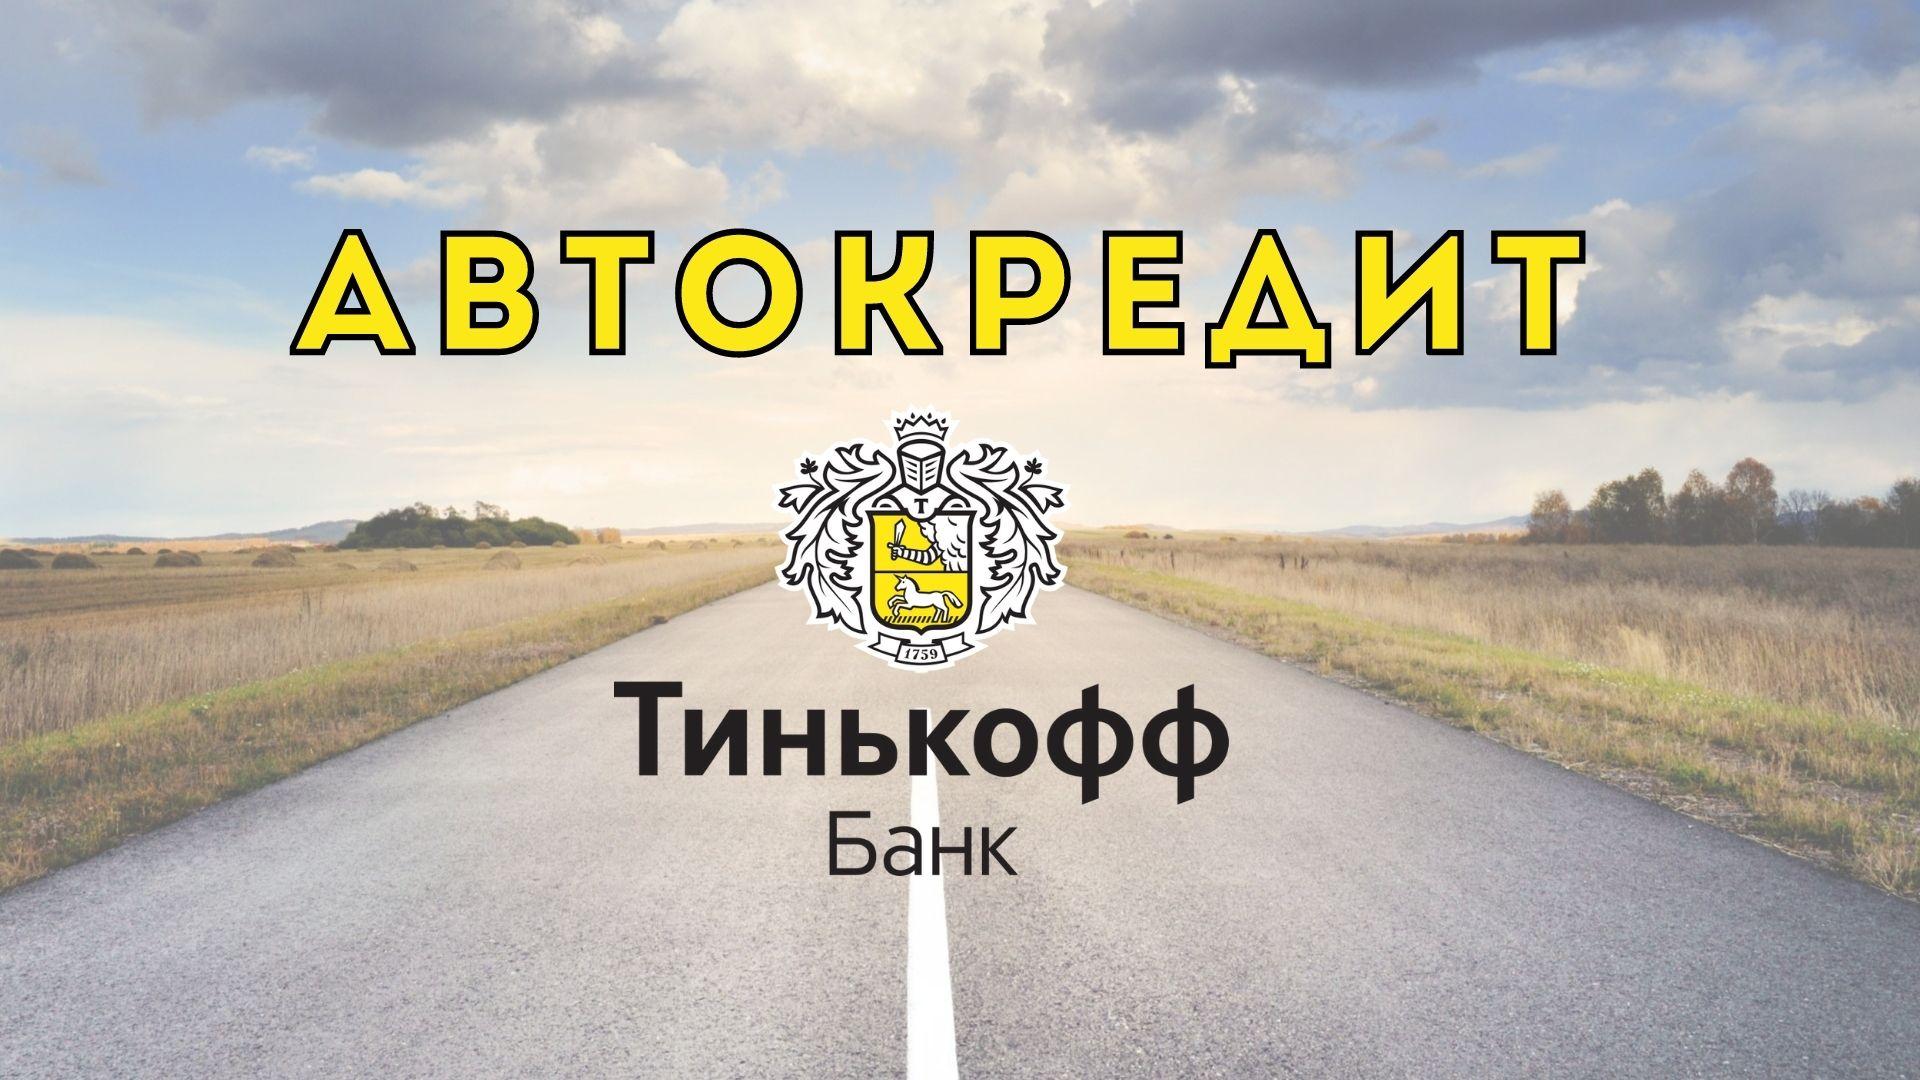 АВТОКРЕДИТ Без первоначального взноса. Тинькофф Банк